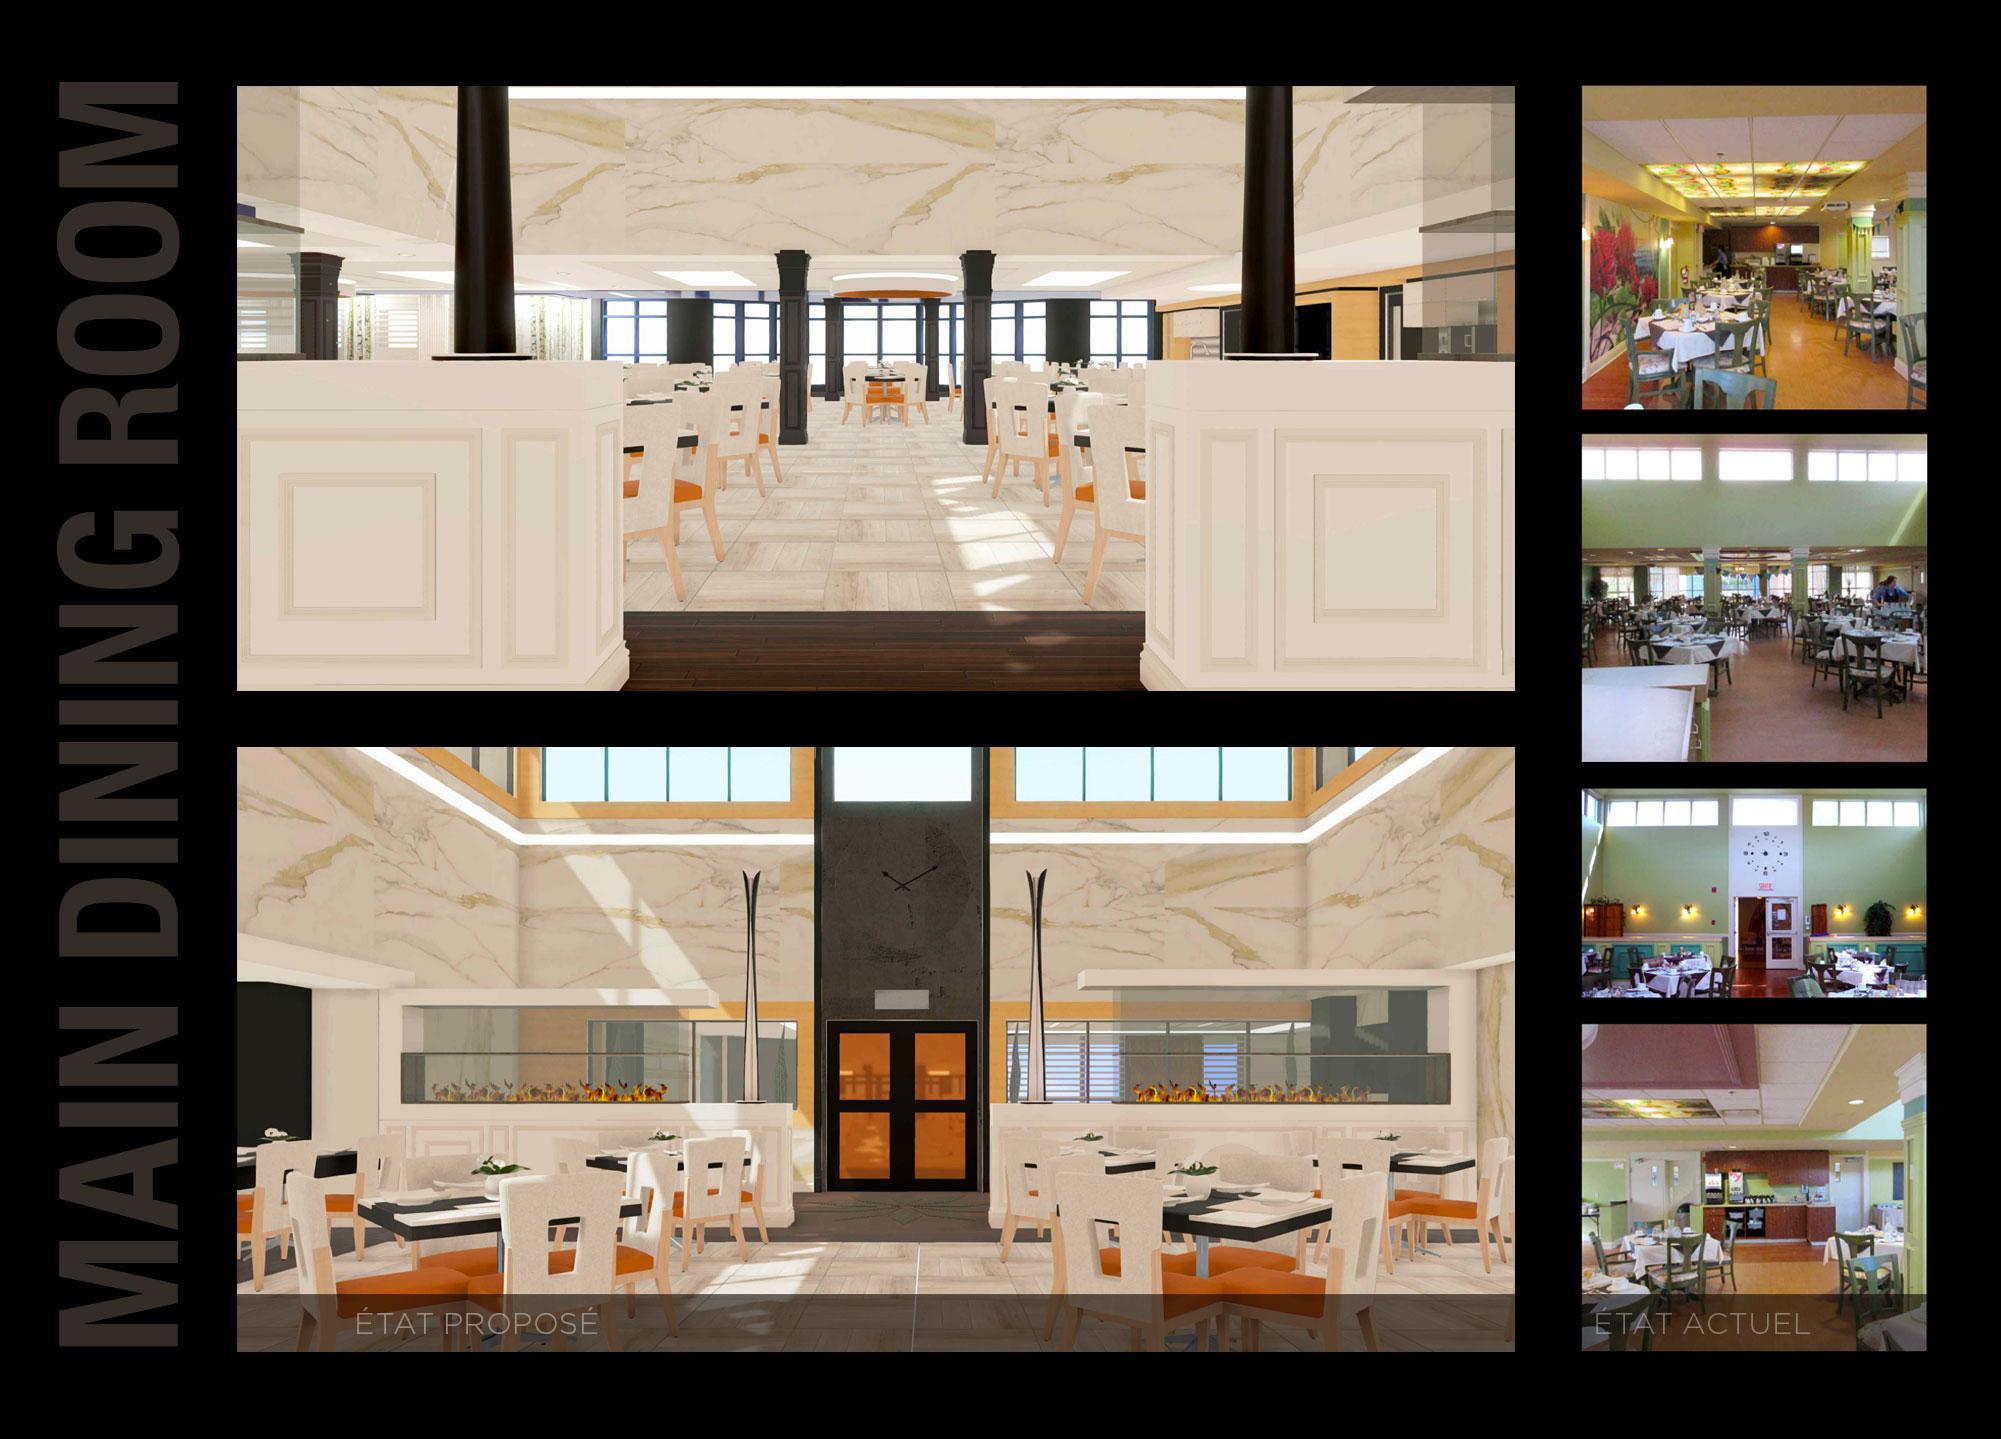 Moodboard d'une modélisation 3D d'un concept en design d'intérieur proposé de la Grande salle à manger en comparaison des photos de l'état existant